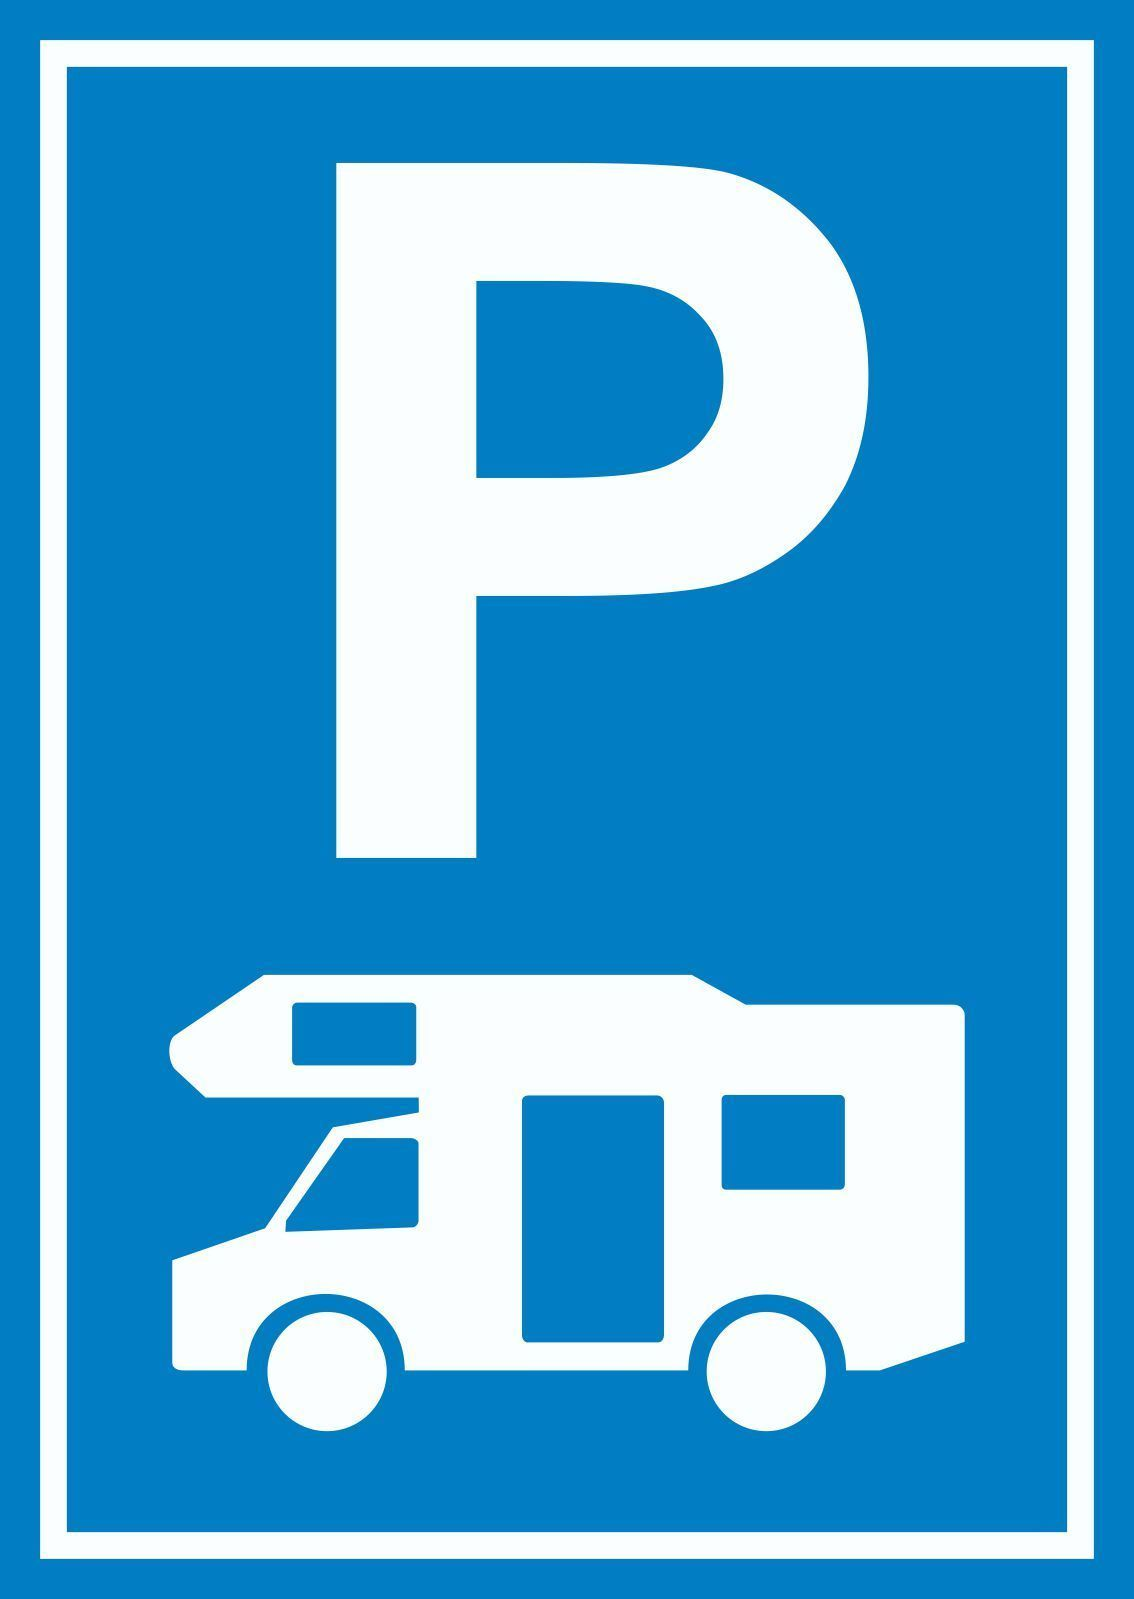 Wohnmobil Wohnwagen Caravan Parkplatz Schild  Caravan, Wohnwagen